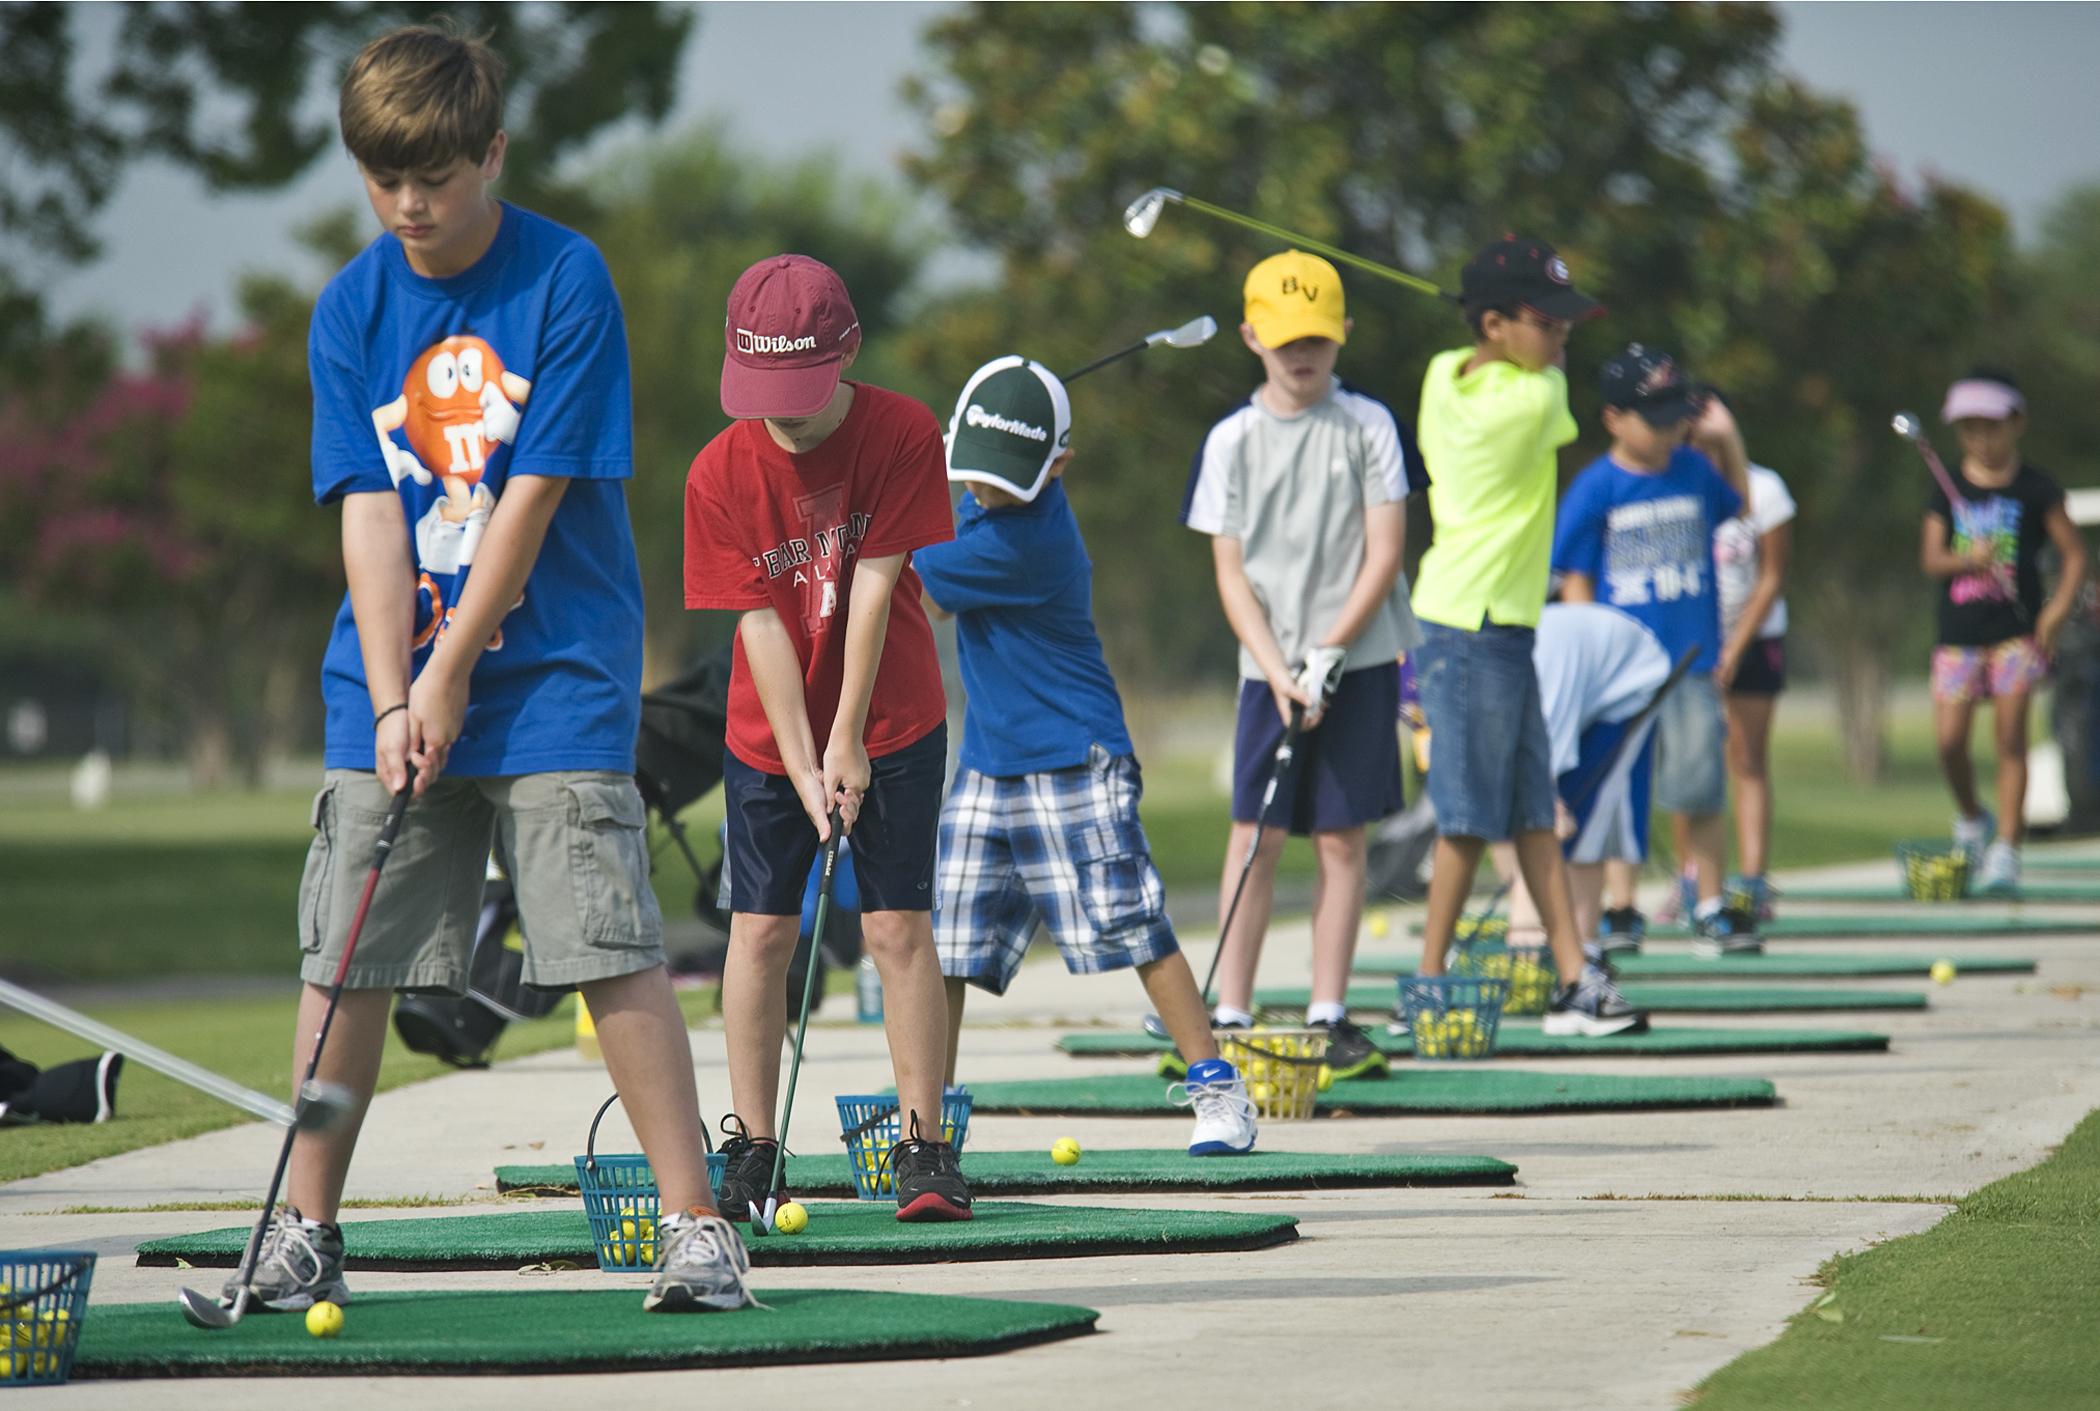 Matt, Junior Golf